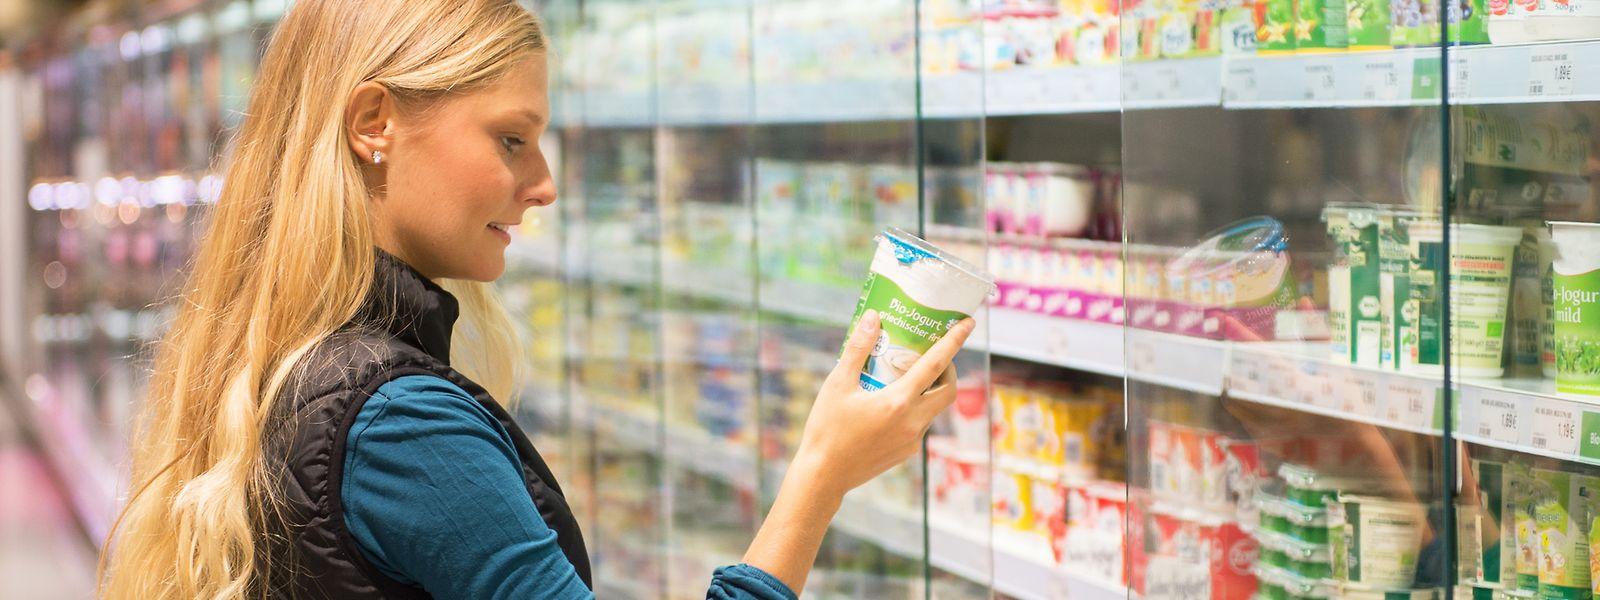 Der Griff zum fettärmsten Milchprodukt im Kühlregal ist nicht immer die beste Entscheidung.